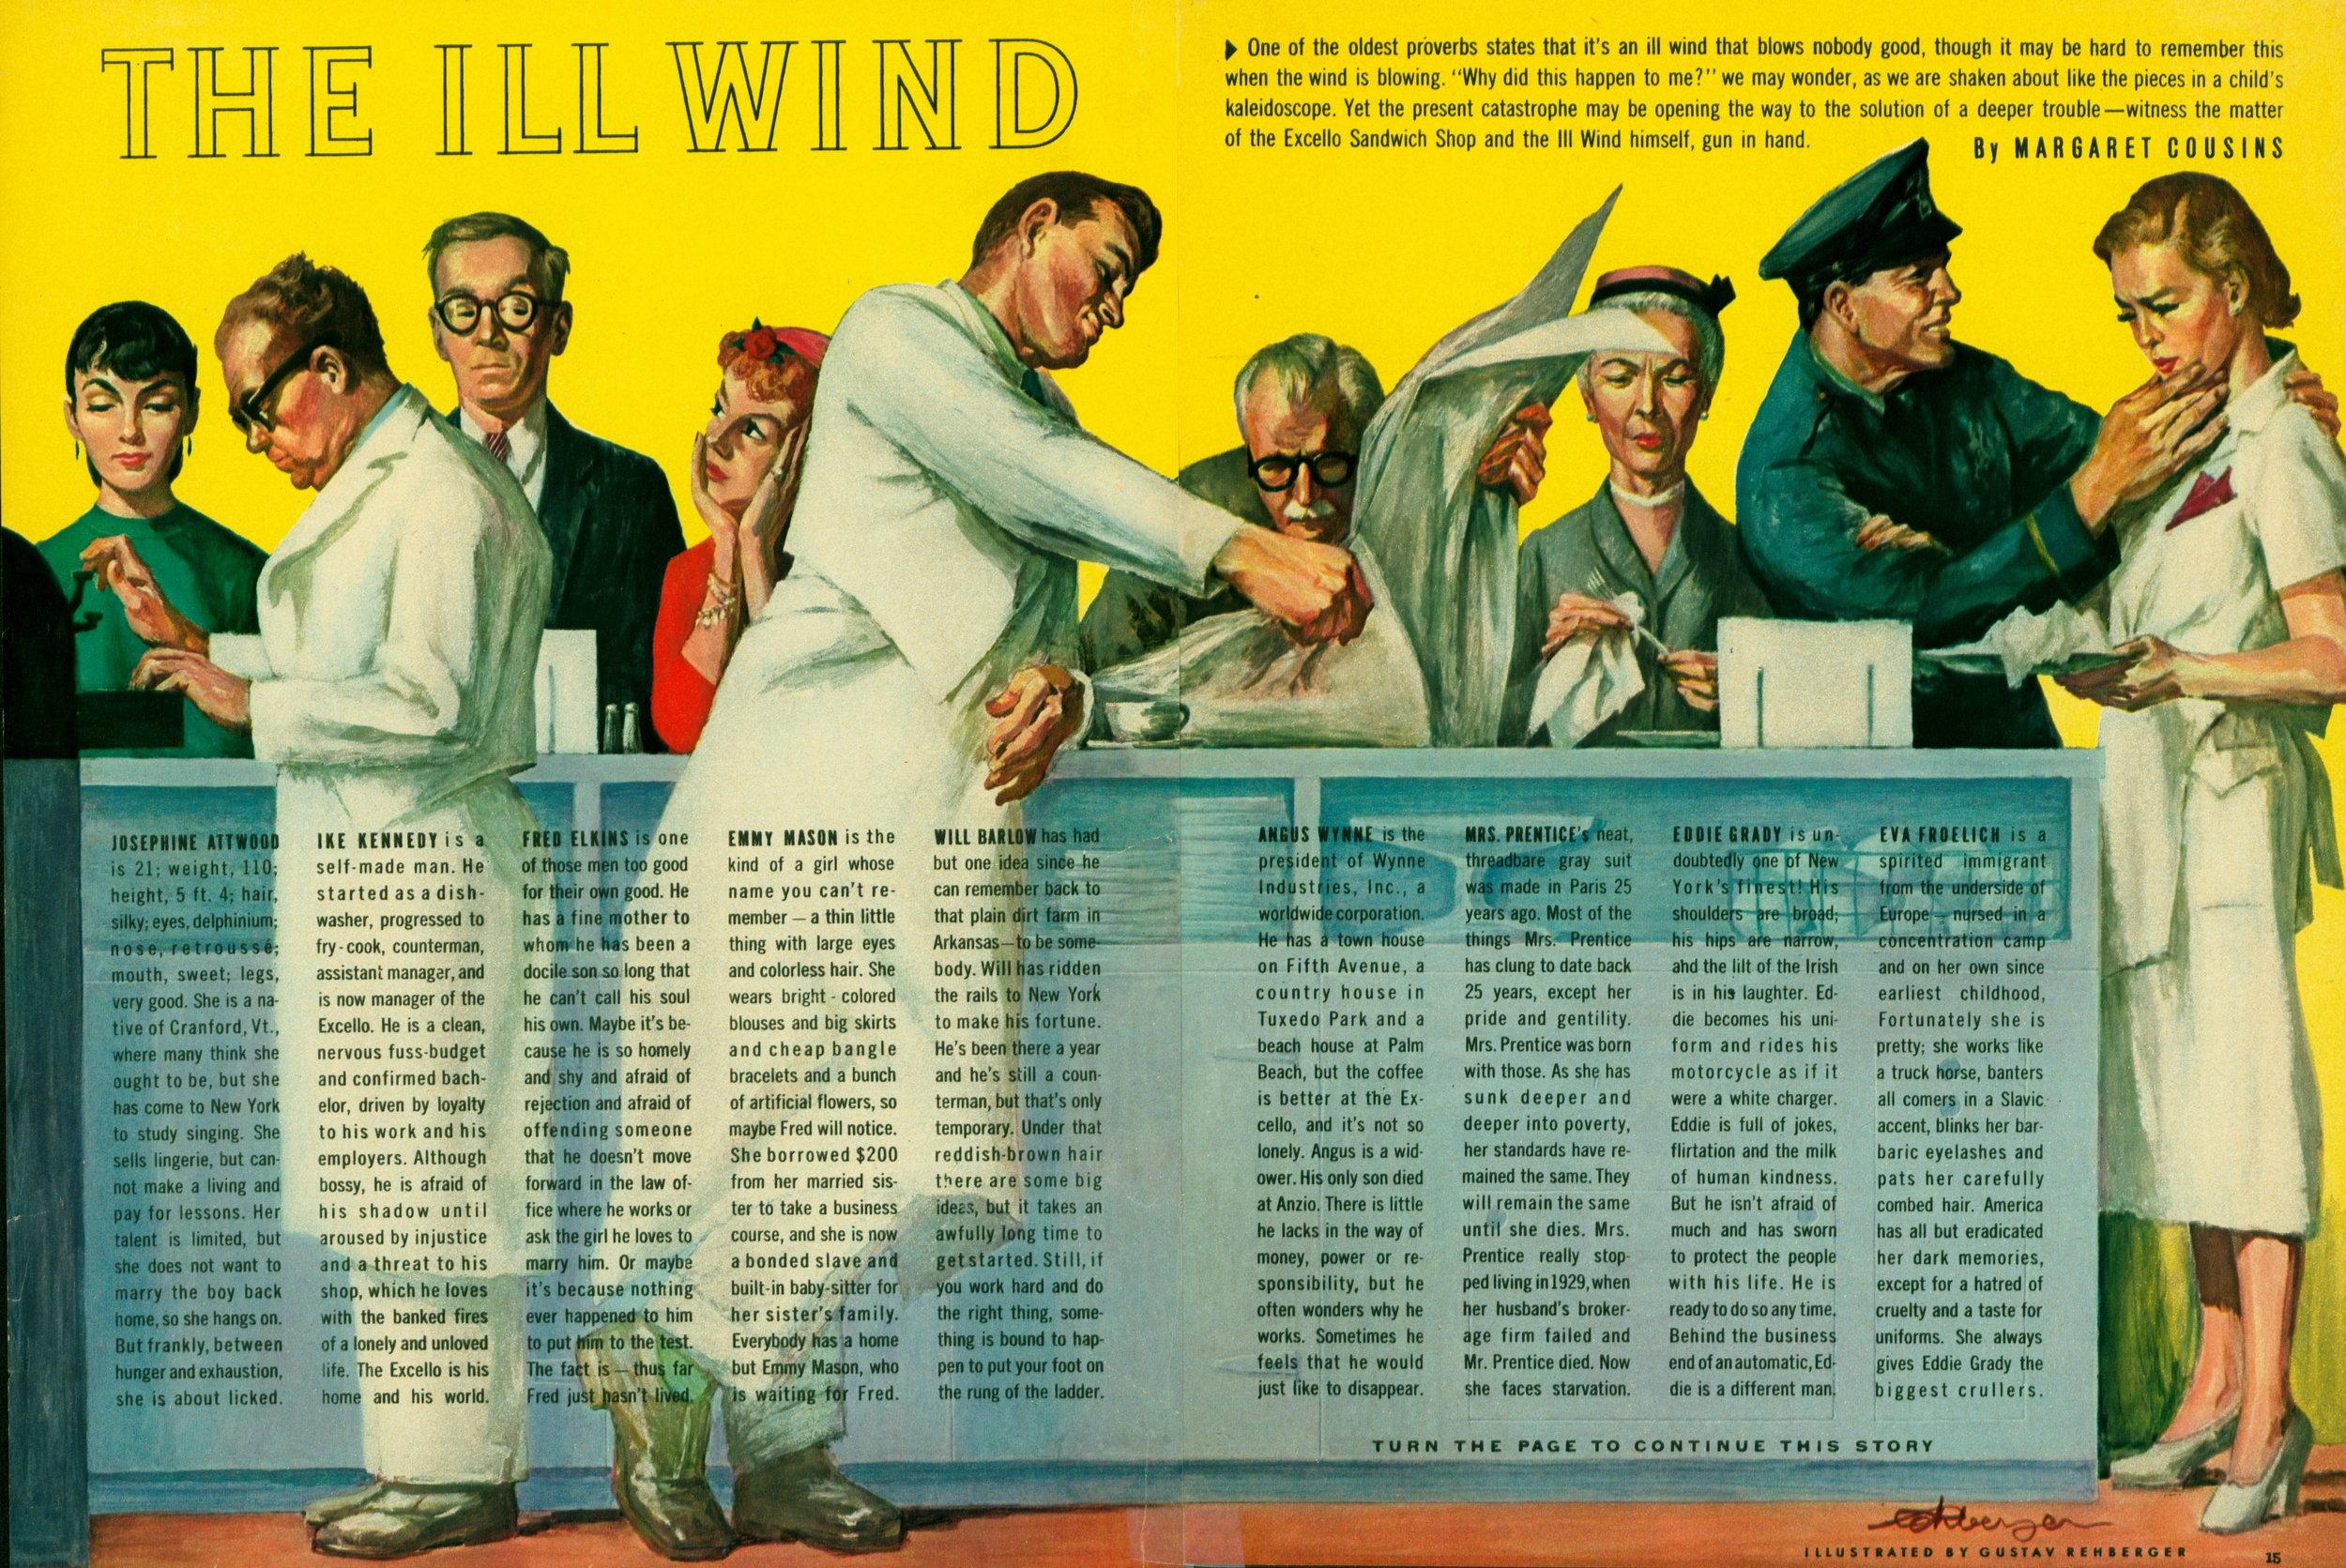 June 1956 - The Ill Wind